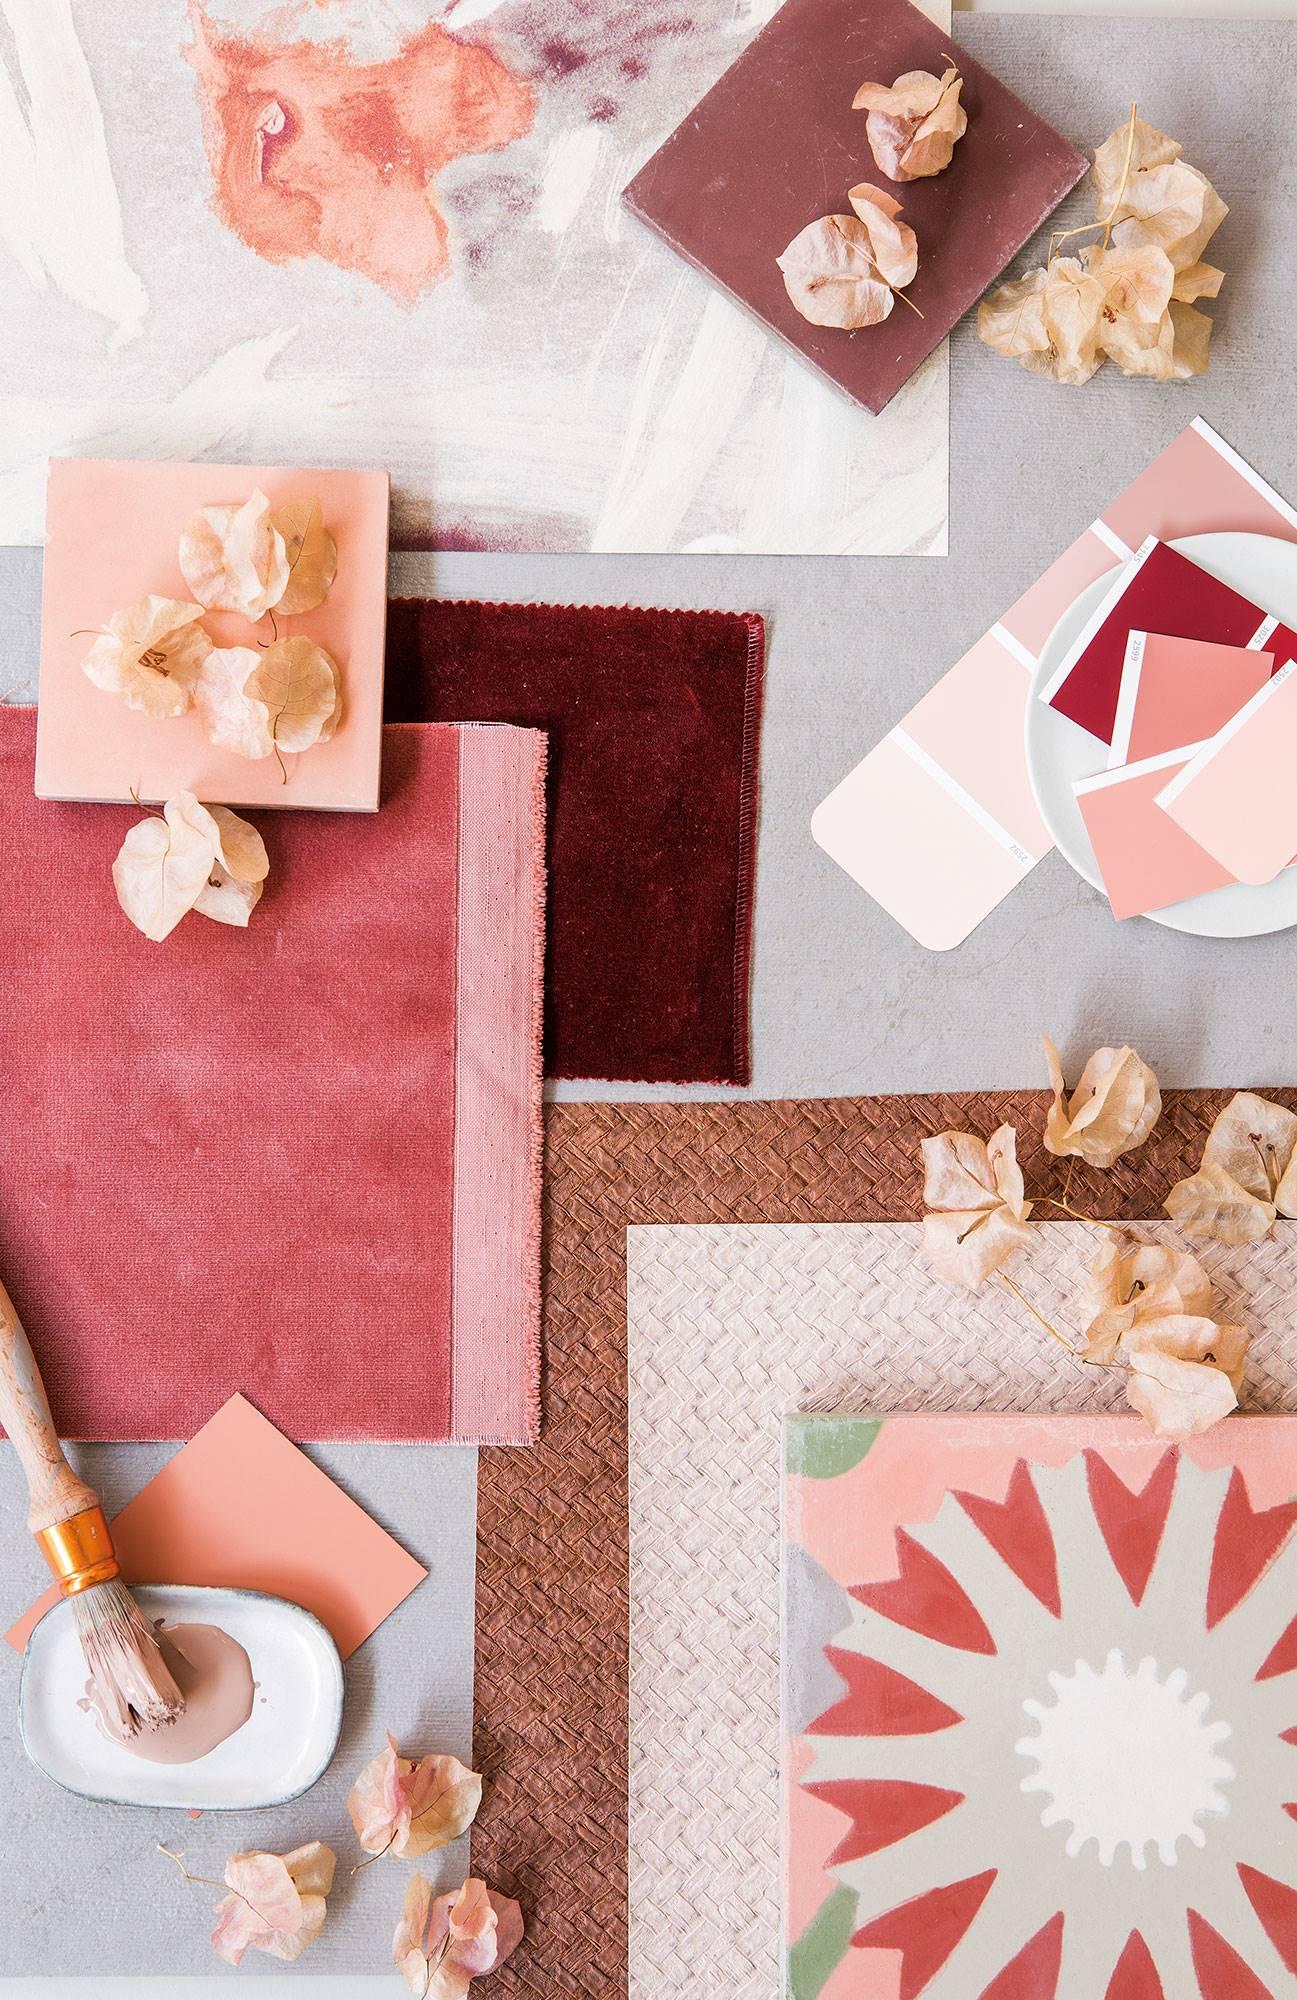 00474443. Rosa, un color versátil y con muchos matices 粉色搭配物料板